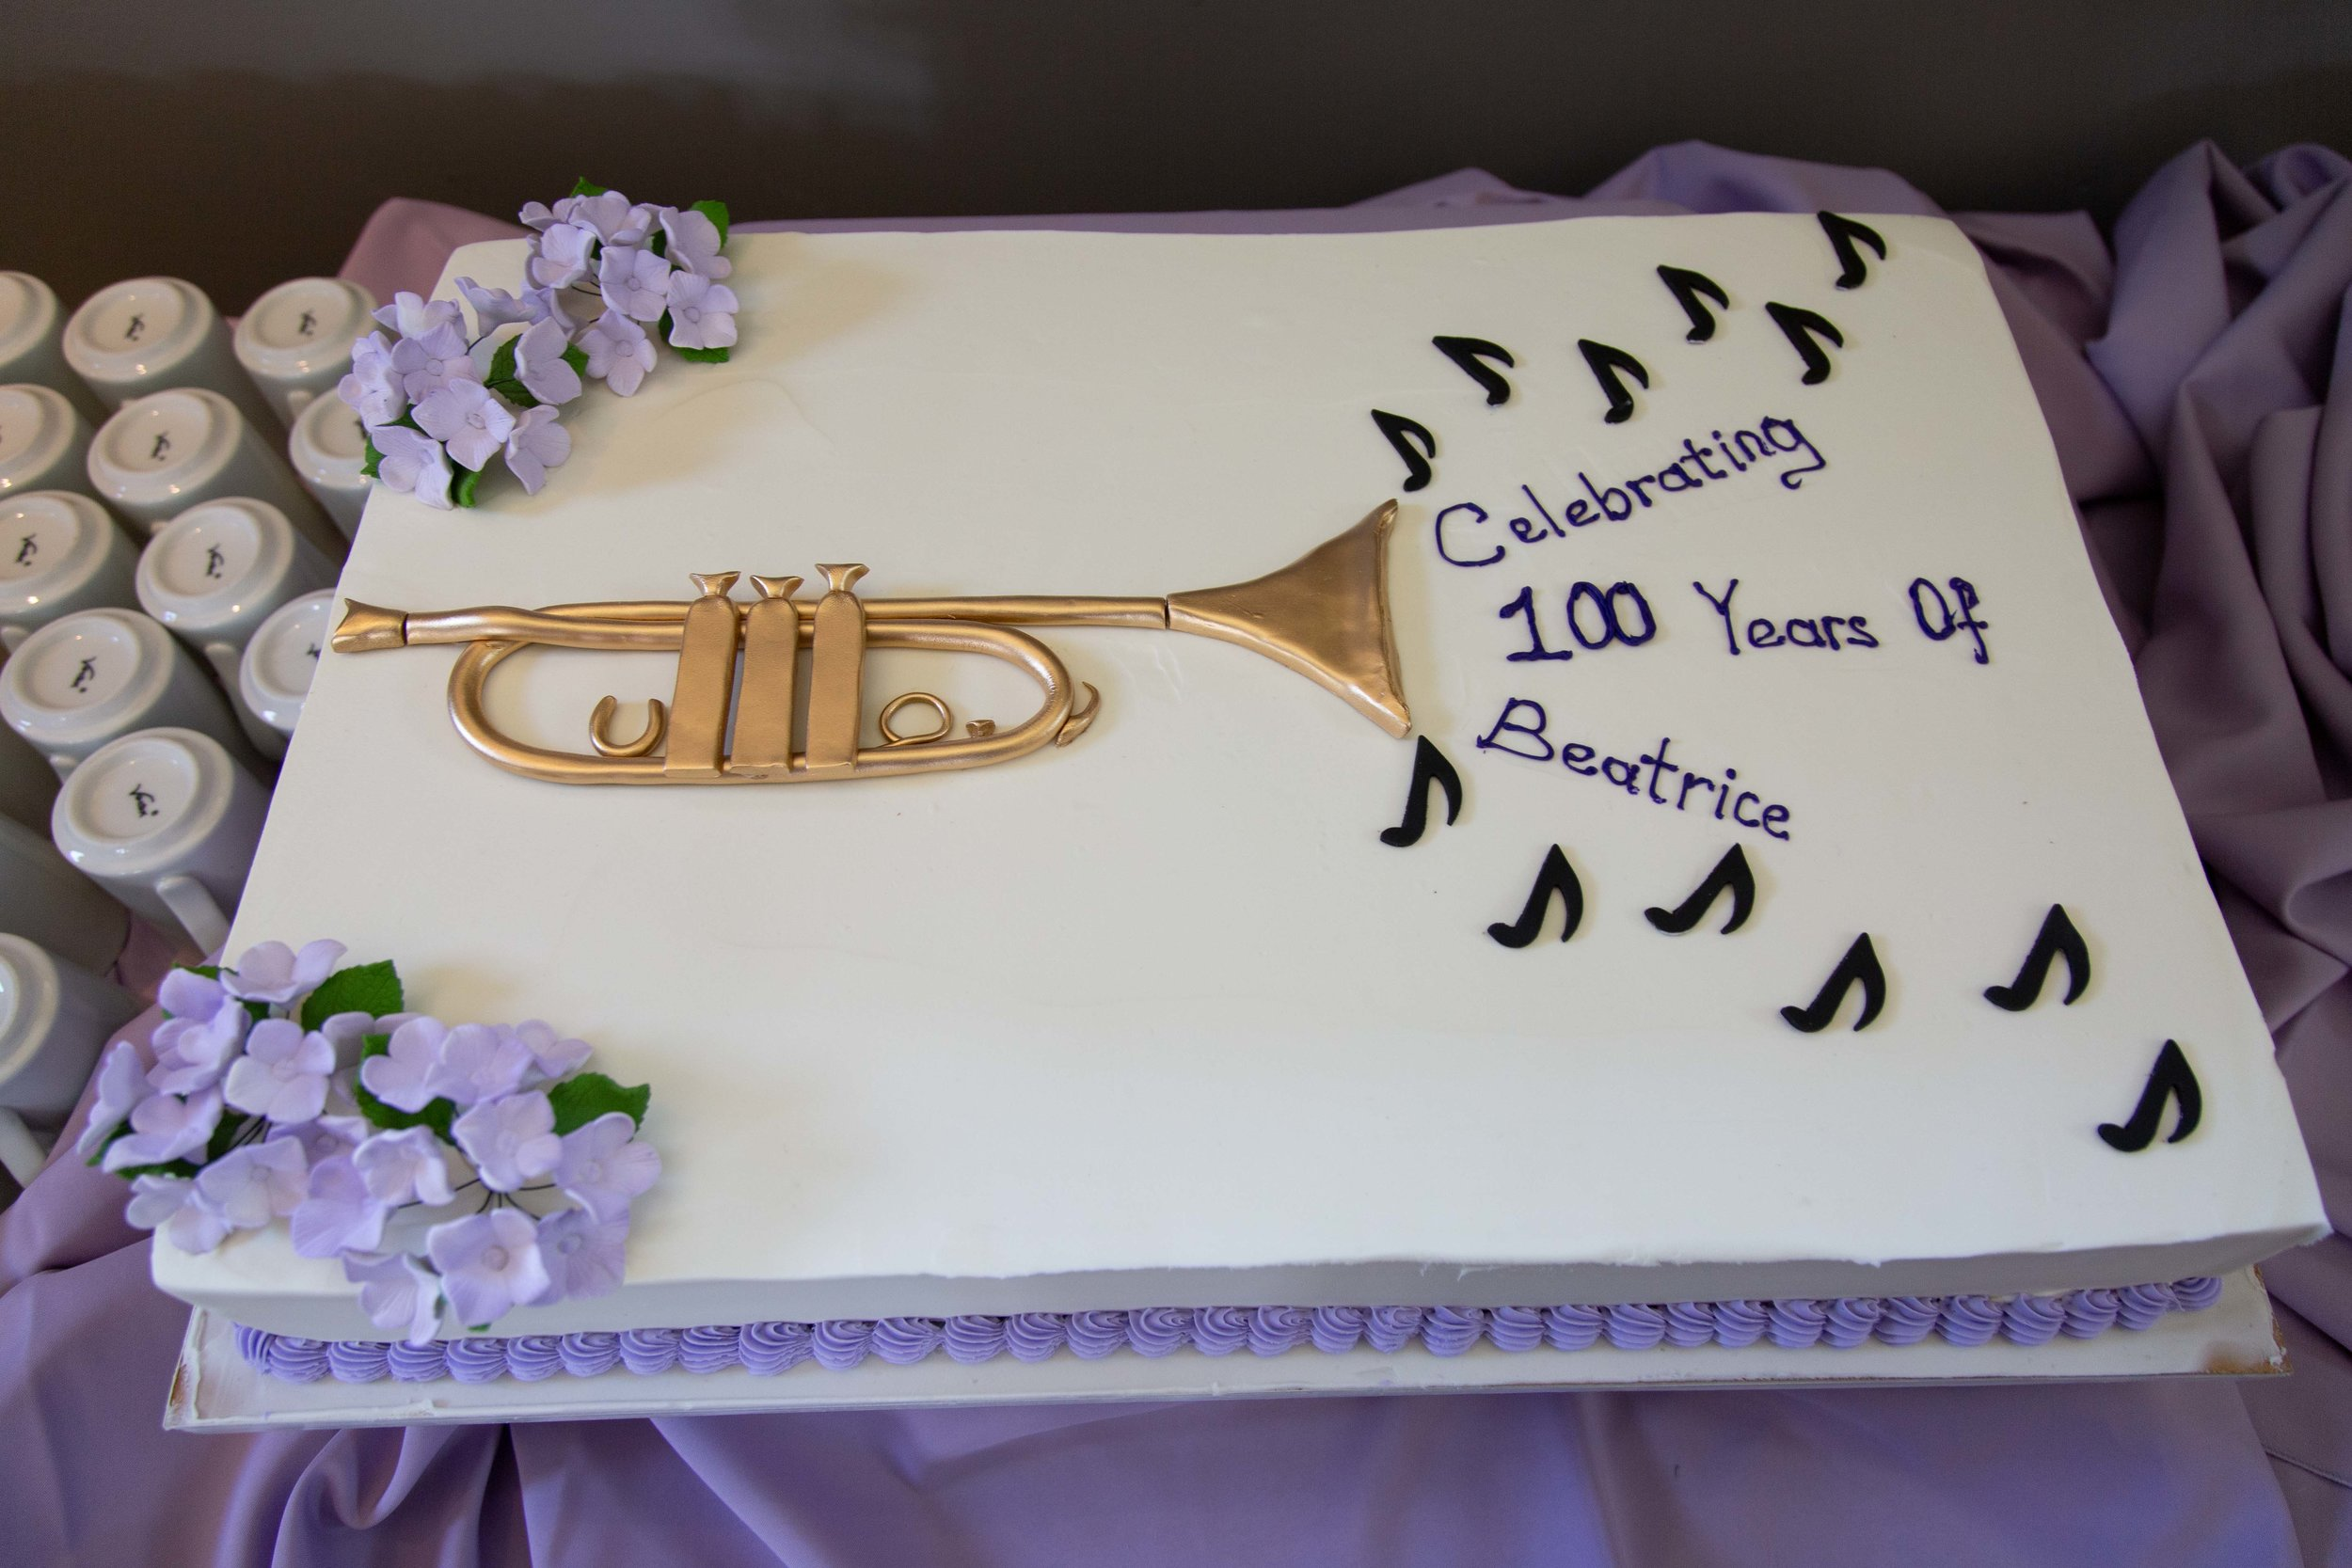 McLoones Boathouse West Orange NJ 100th Birthday Party Event Photos-20.jpg